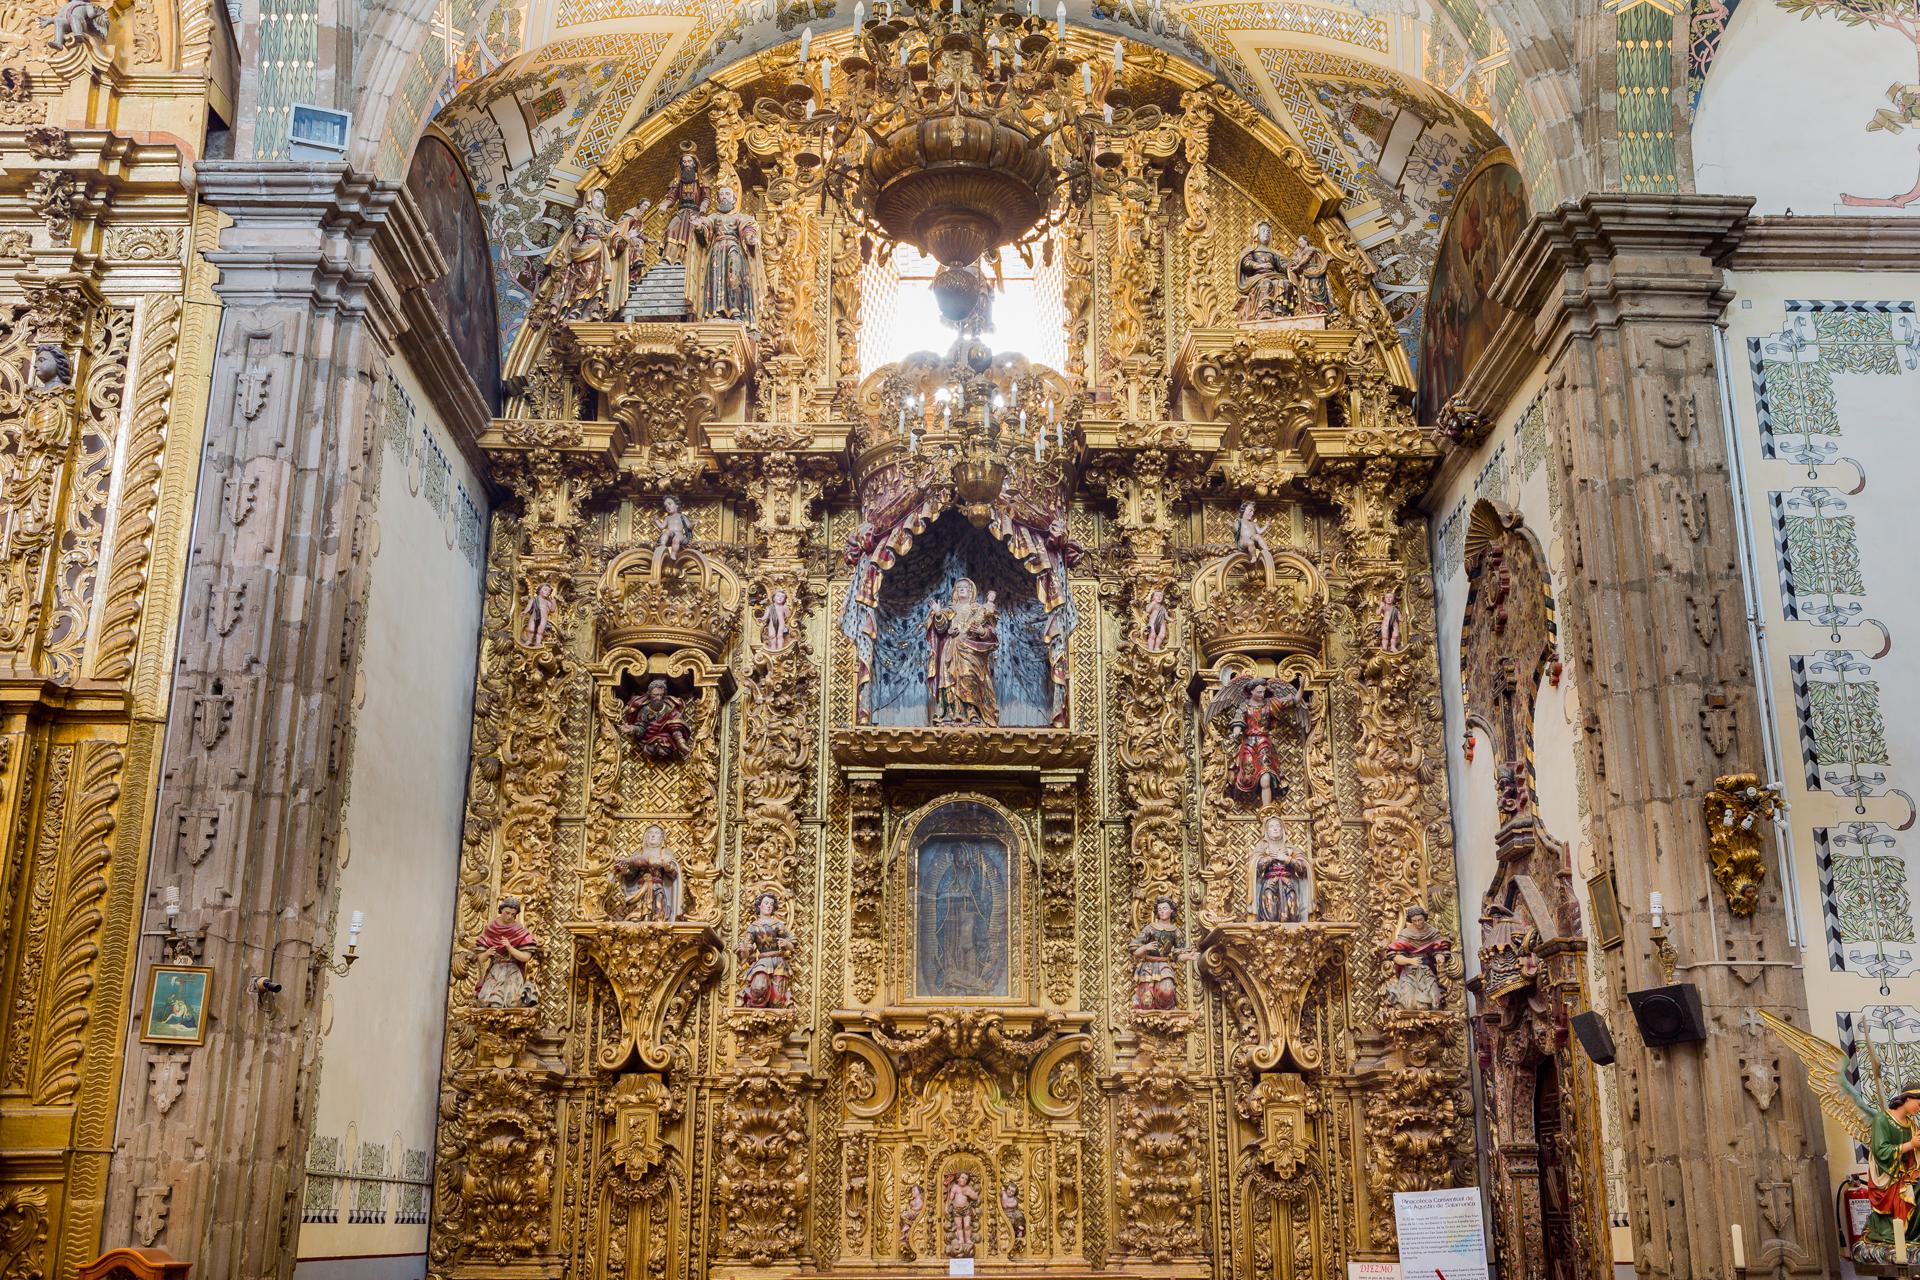 4:00 p.m. - Tour peatonal privado por centro histórico de Salamanca